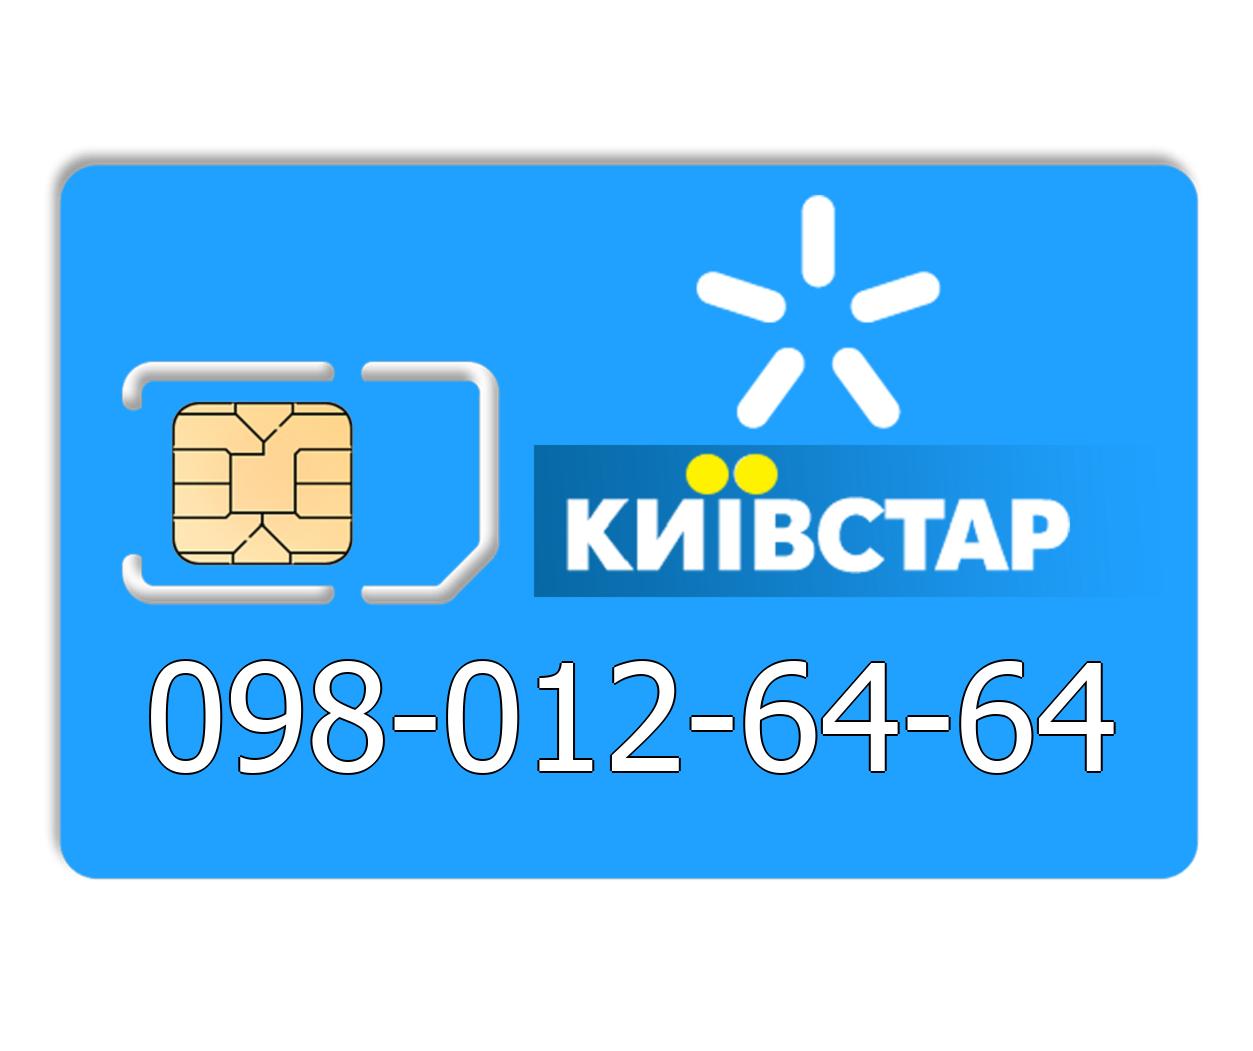 Красивый номер Киевстар 098-012-64-64